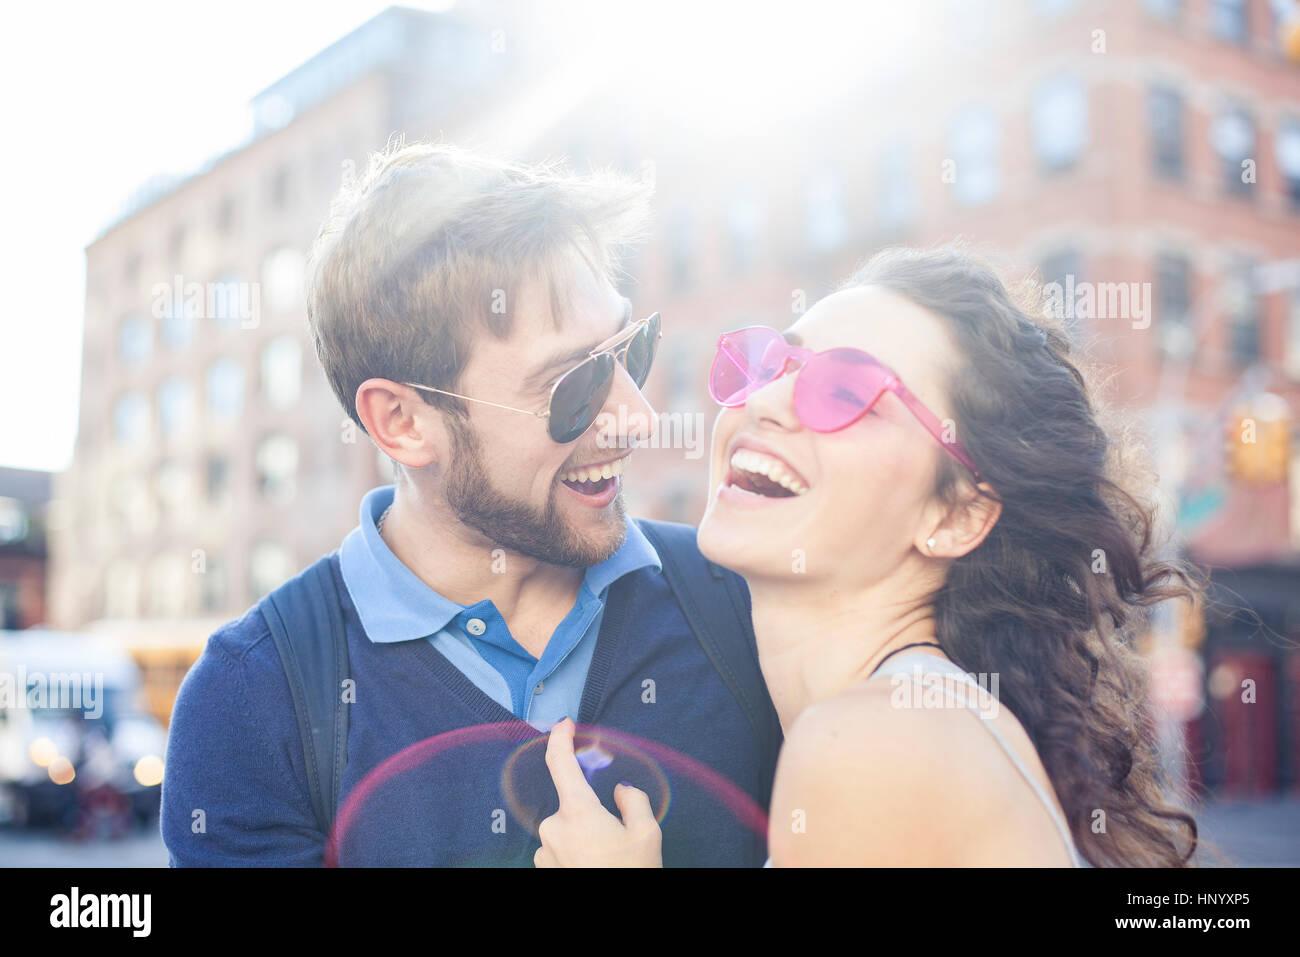 Giovane ridere insieme all'aperto Immagini Stock